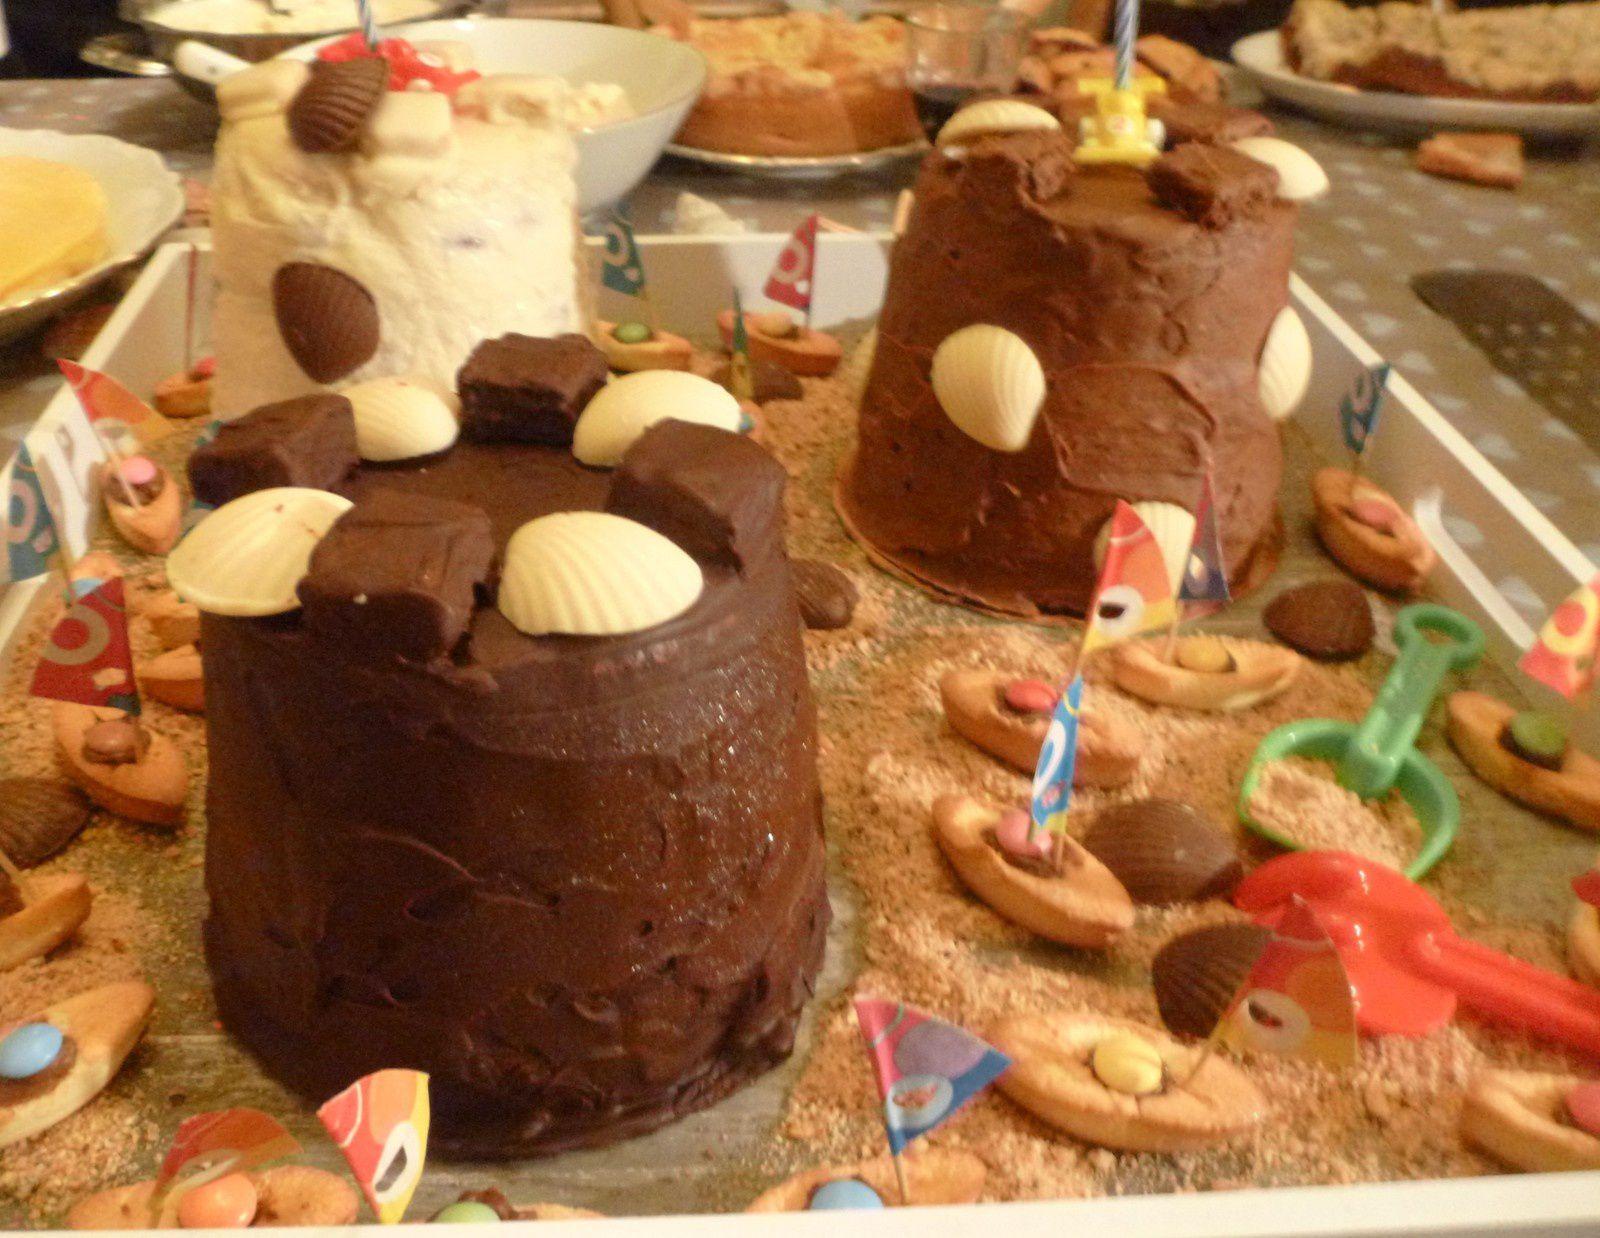 gâteaux châteaux de sable pour l'anniversaire de mon petit Maxime:biscuit chocolat/mousse au chocolat&#x3B;biscuit citron vert/mousse mangue-passion-ananas&#x3B;biscuit vanille/bavaroise vanille-framboises